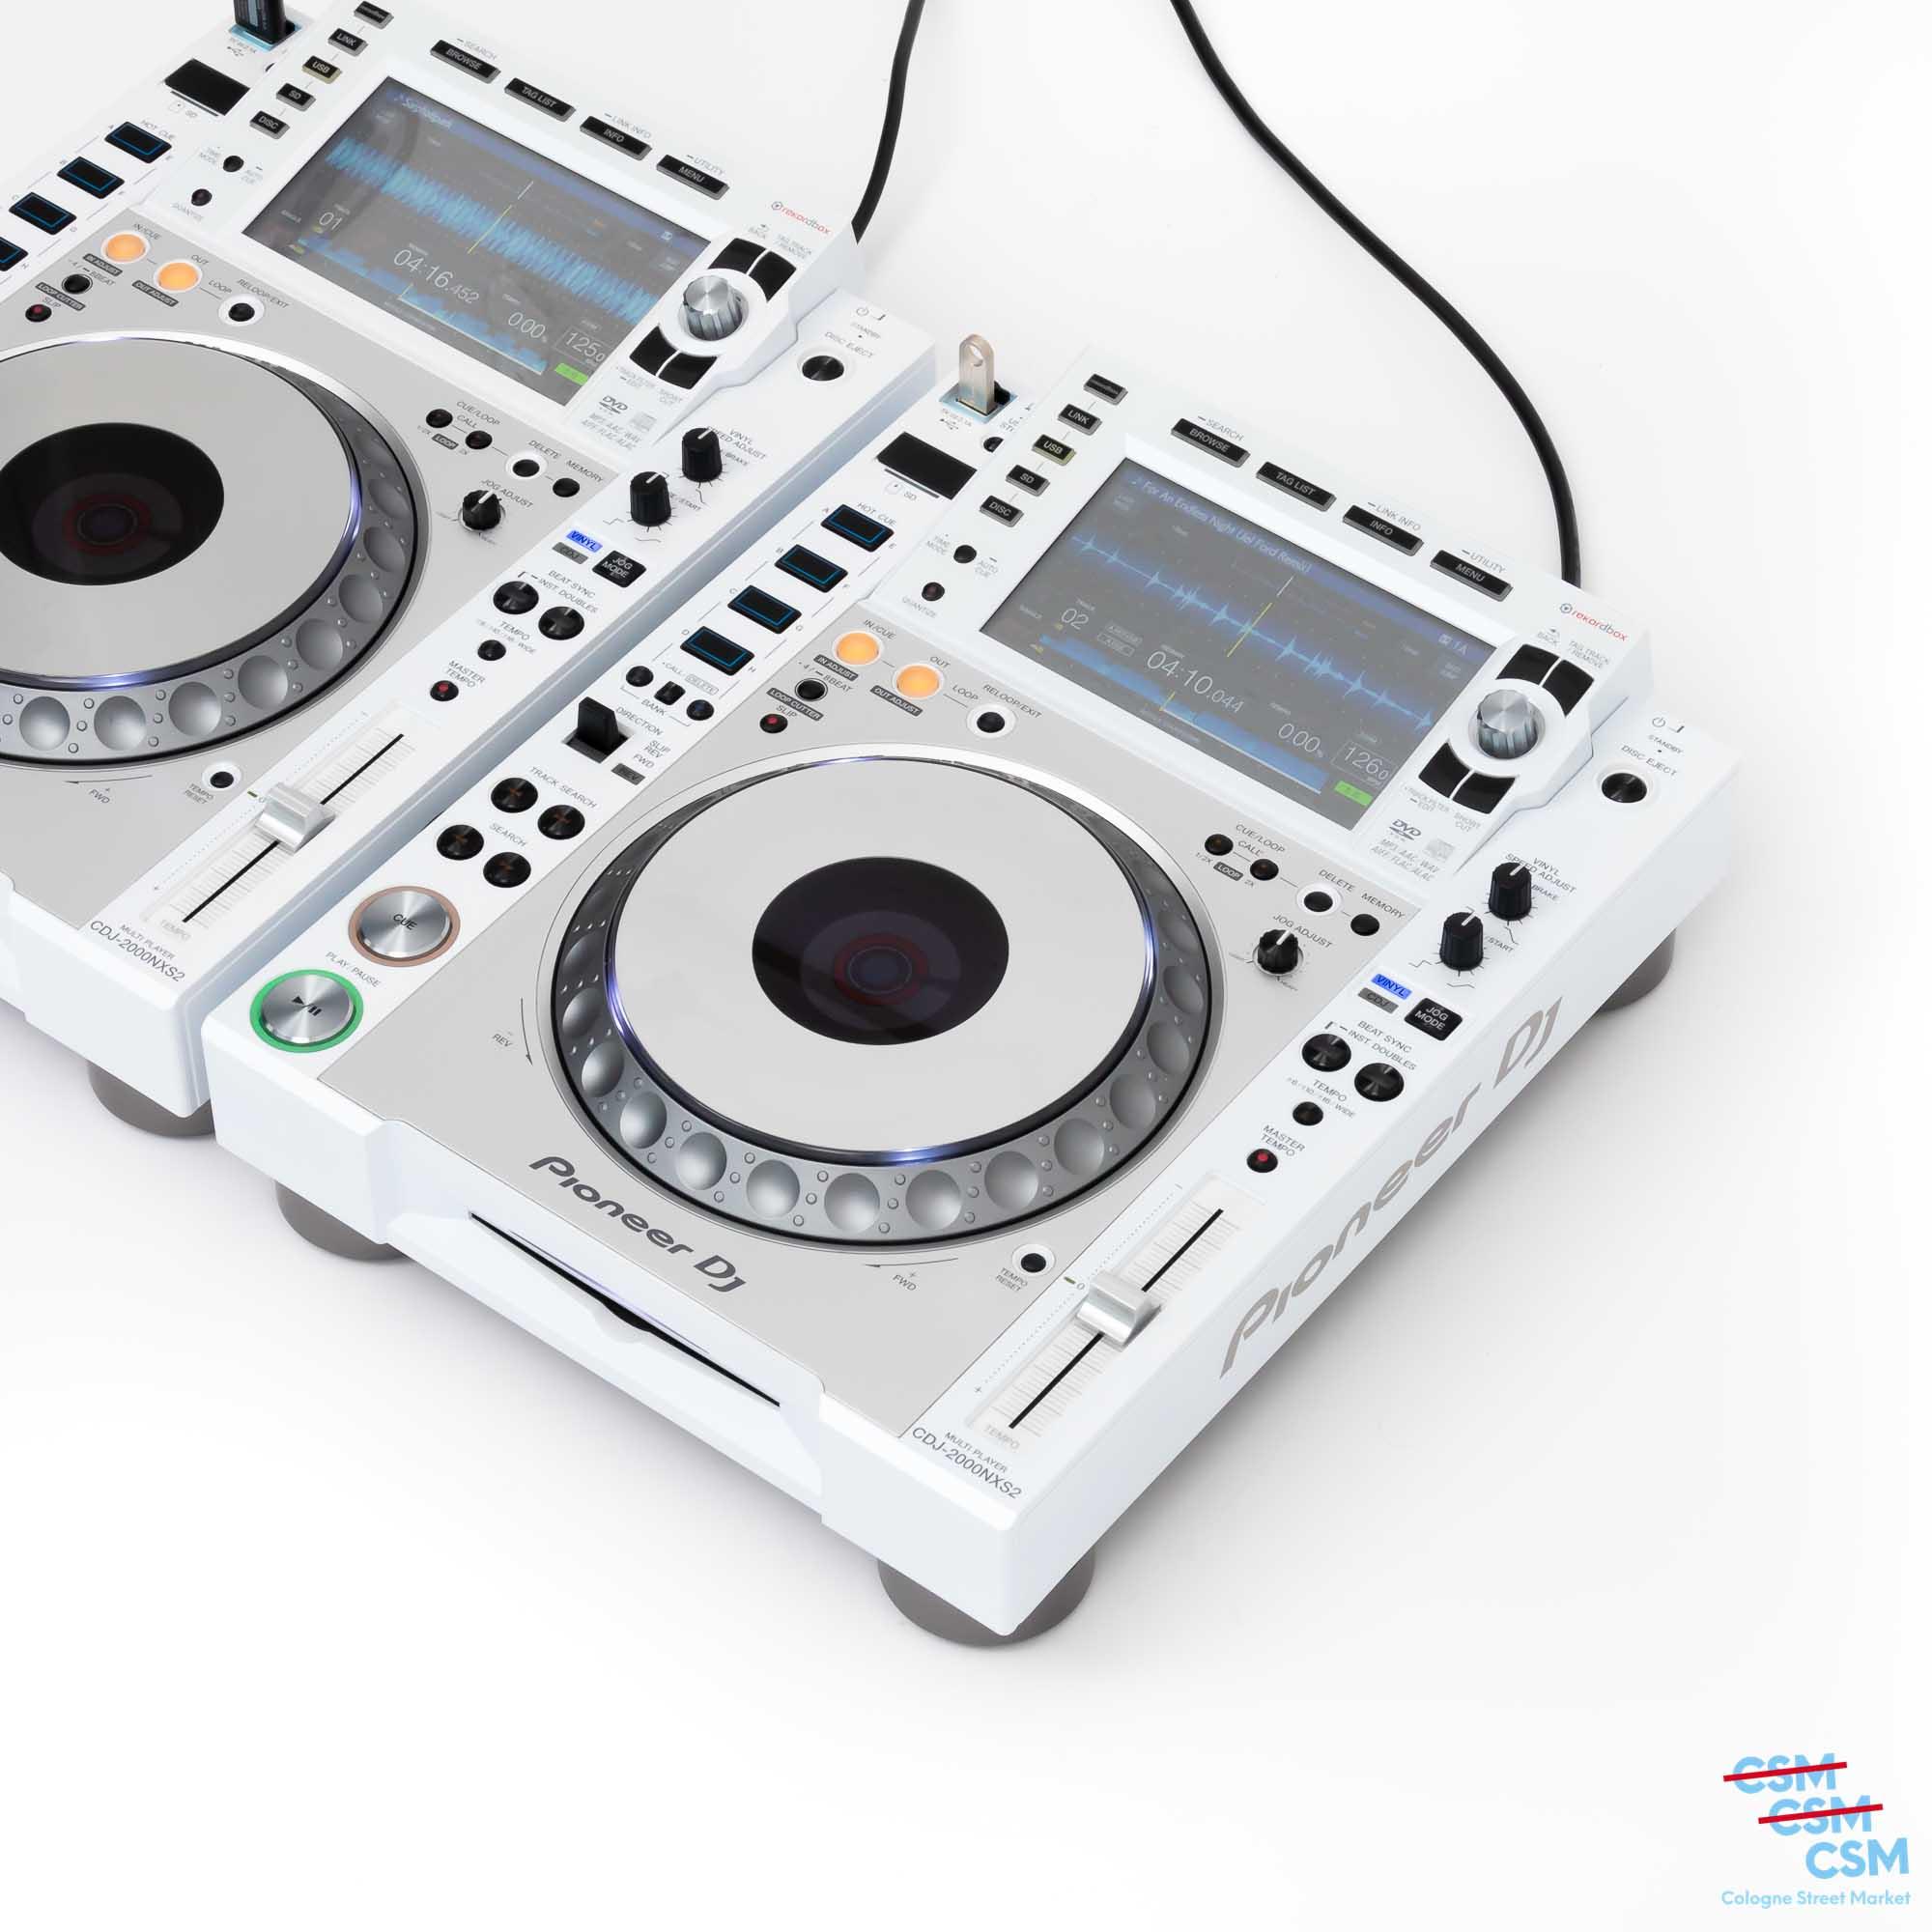 2er-Paket-Pioneer-DJ-CDJ-2000-NXS-Limited-White-gebraucht-4